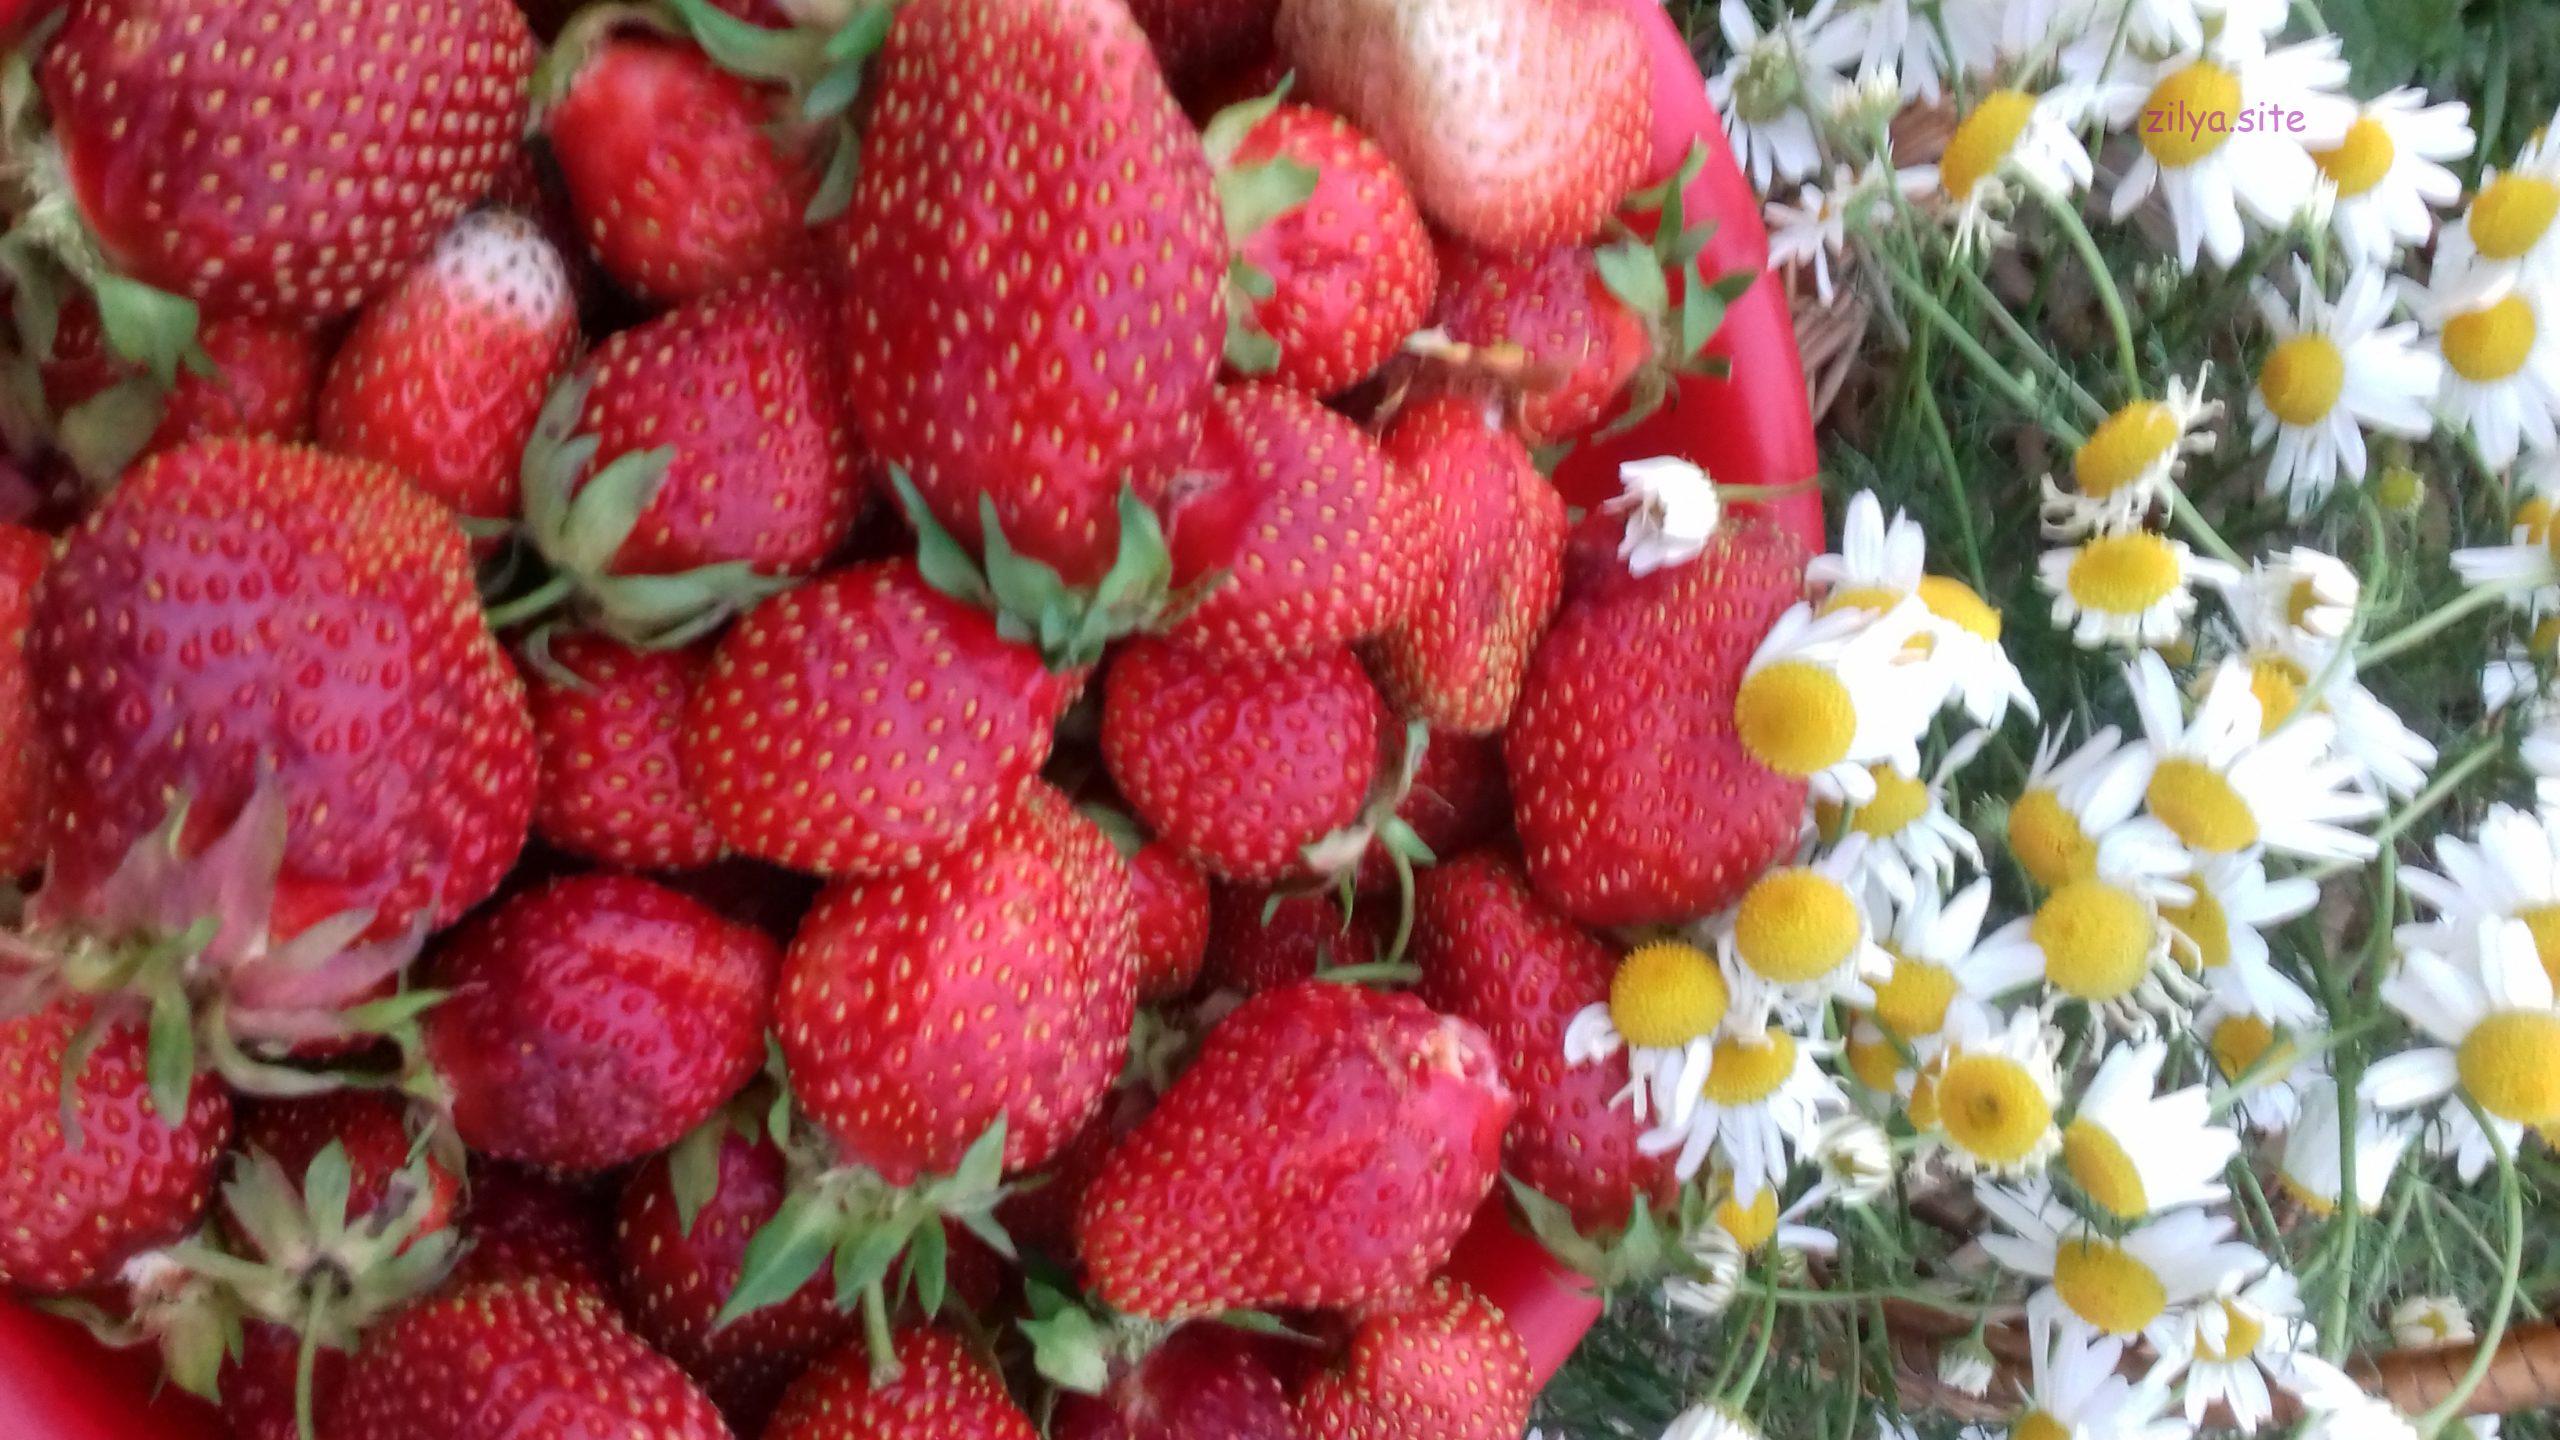 советы о том как ухаживать за клубникой вовремя плодоношения